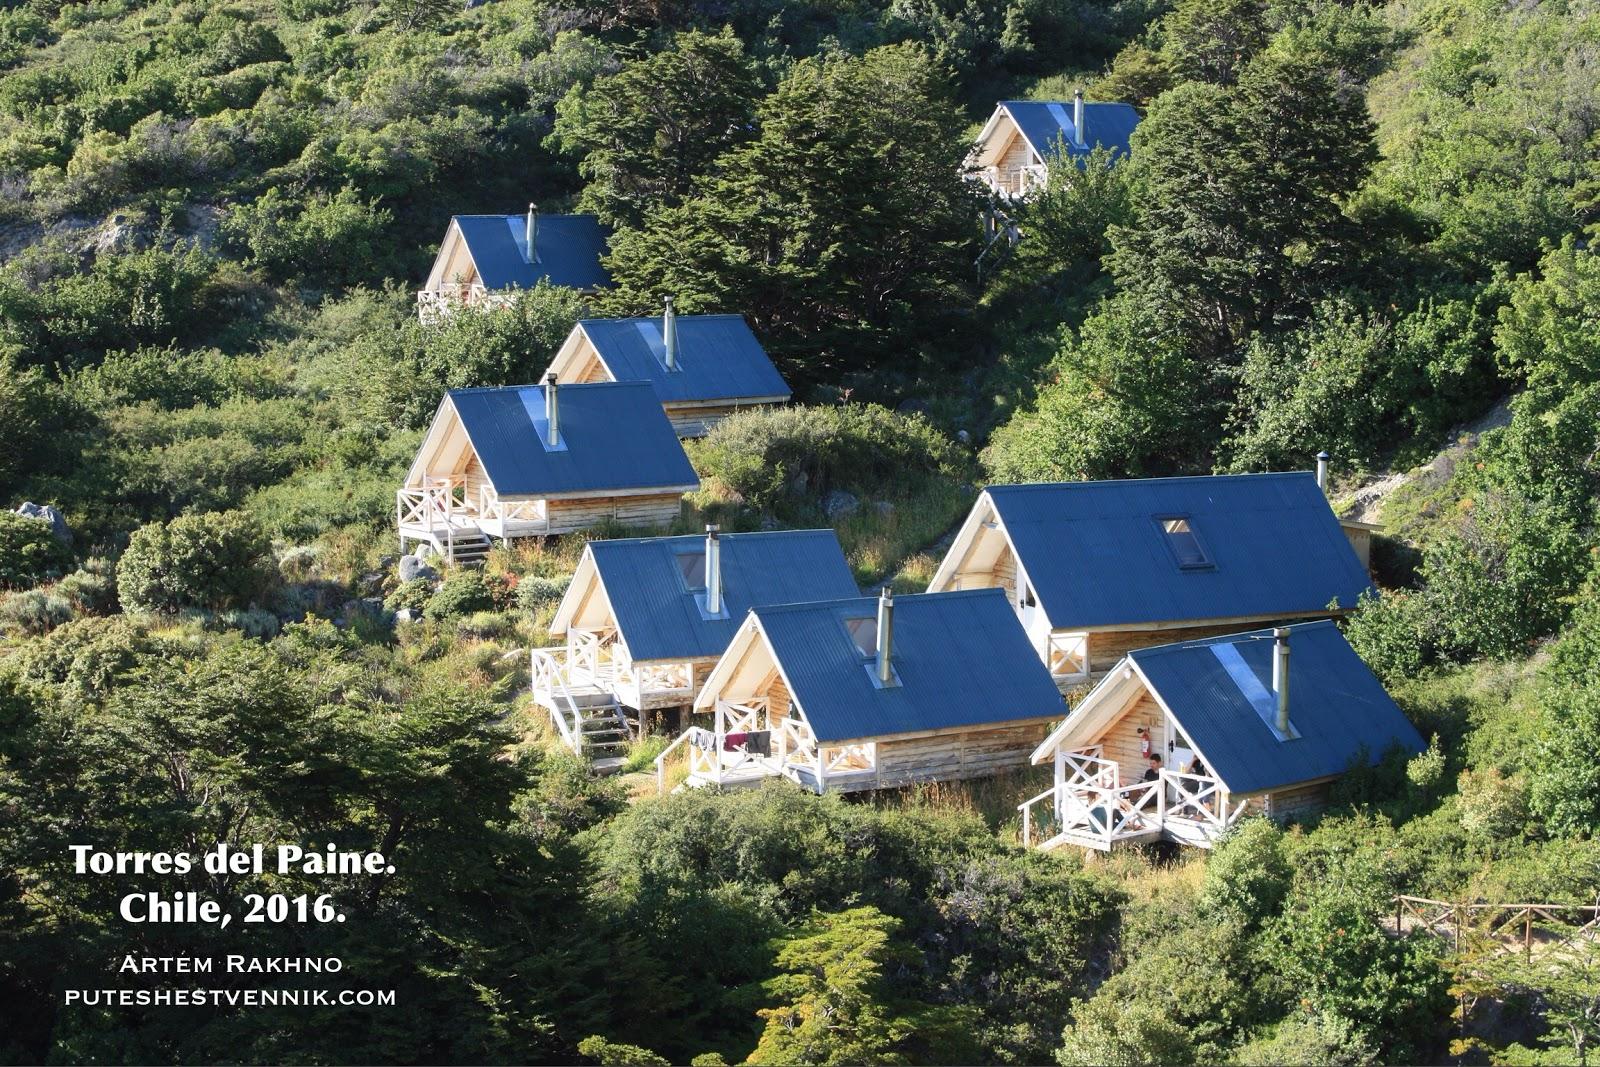 Дома на склоне горы в Торрес-дель-Пайне